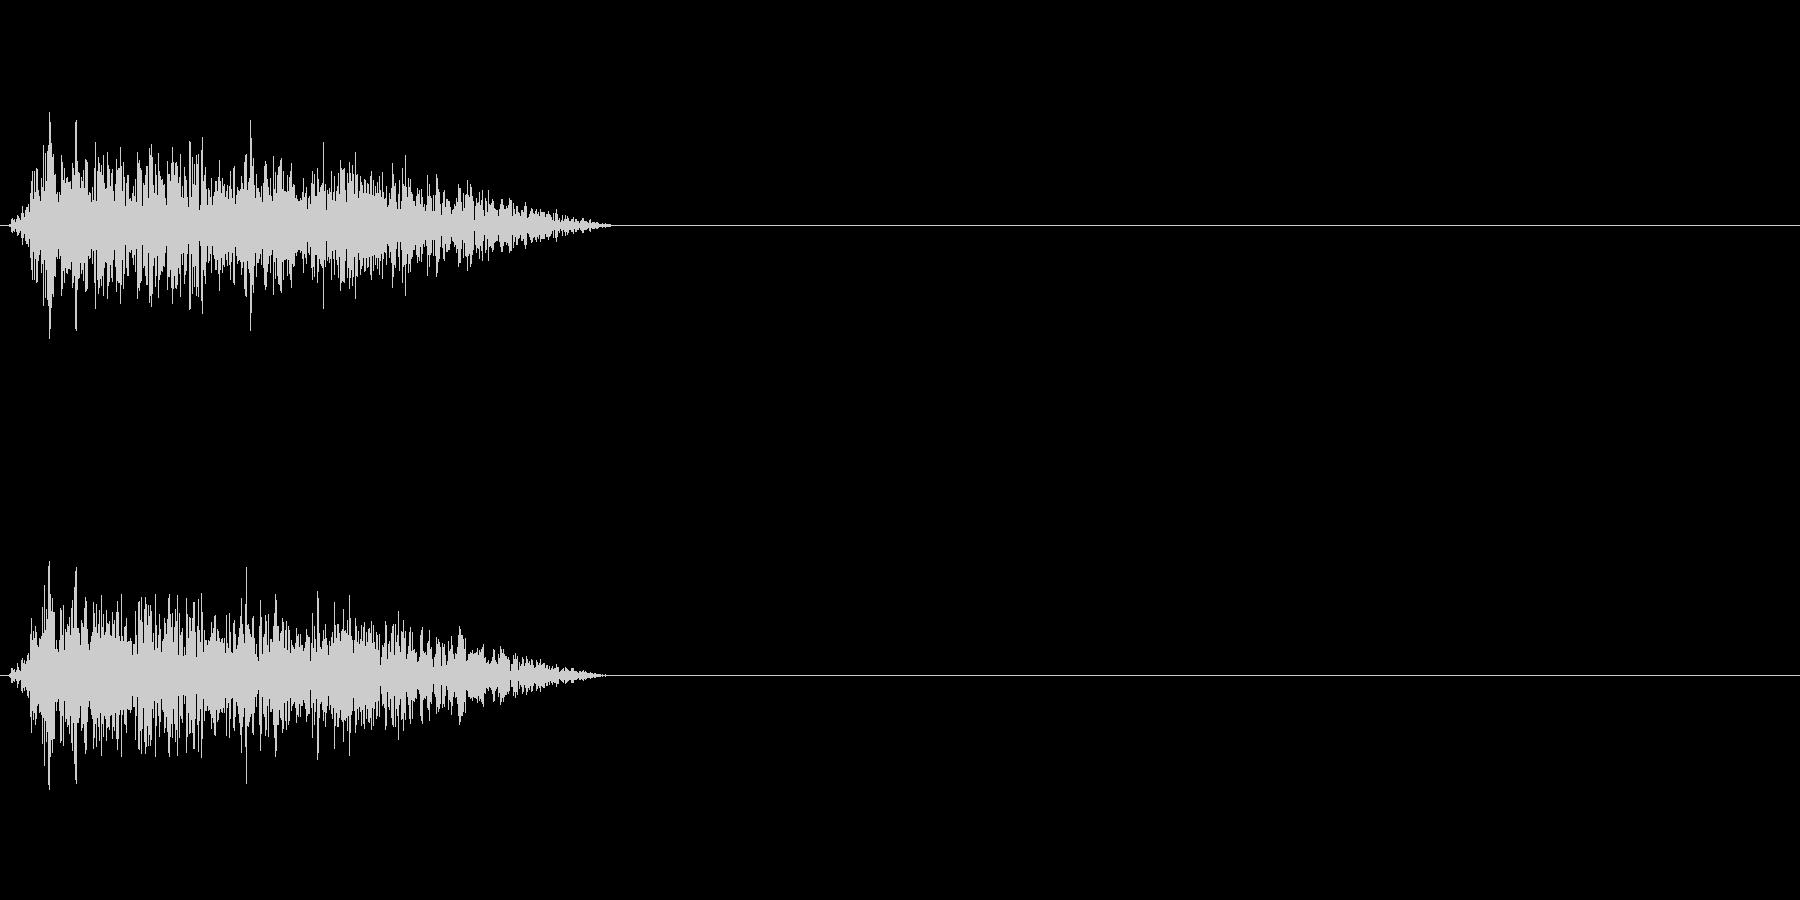 シャー 斬撃 風切り音の未再生の波形